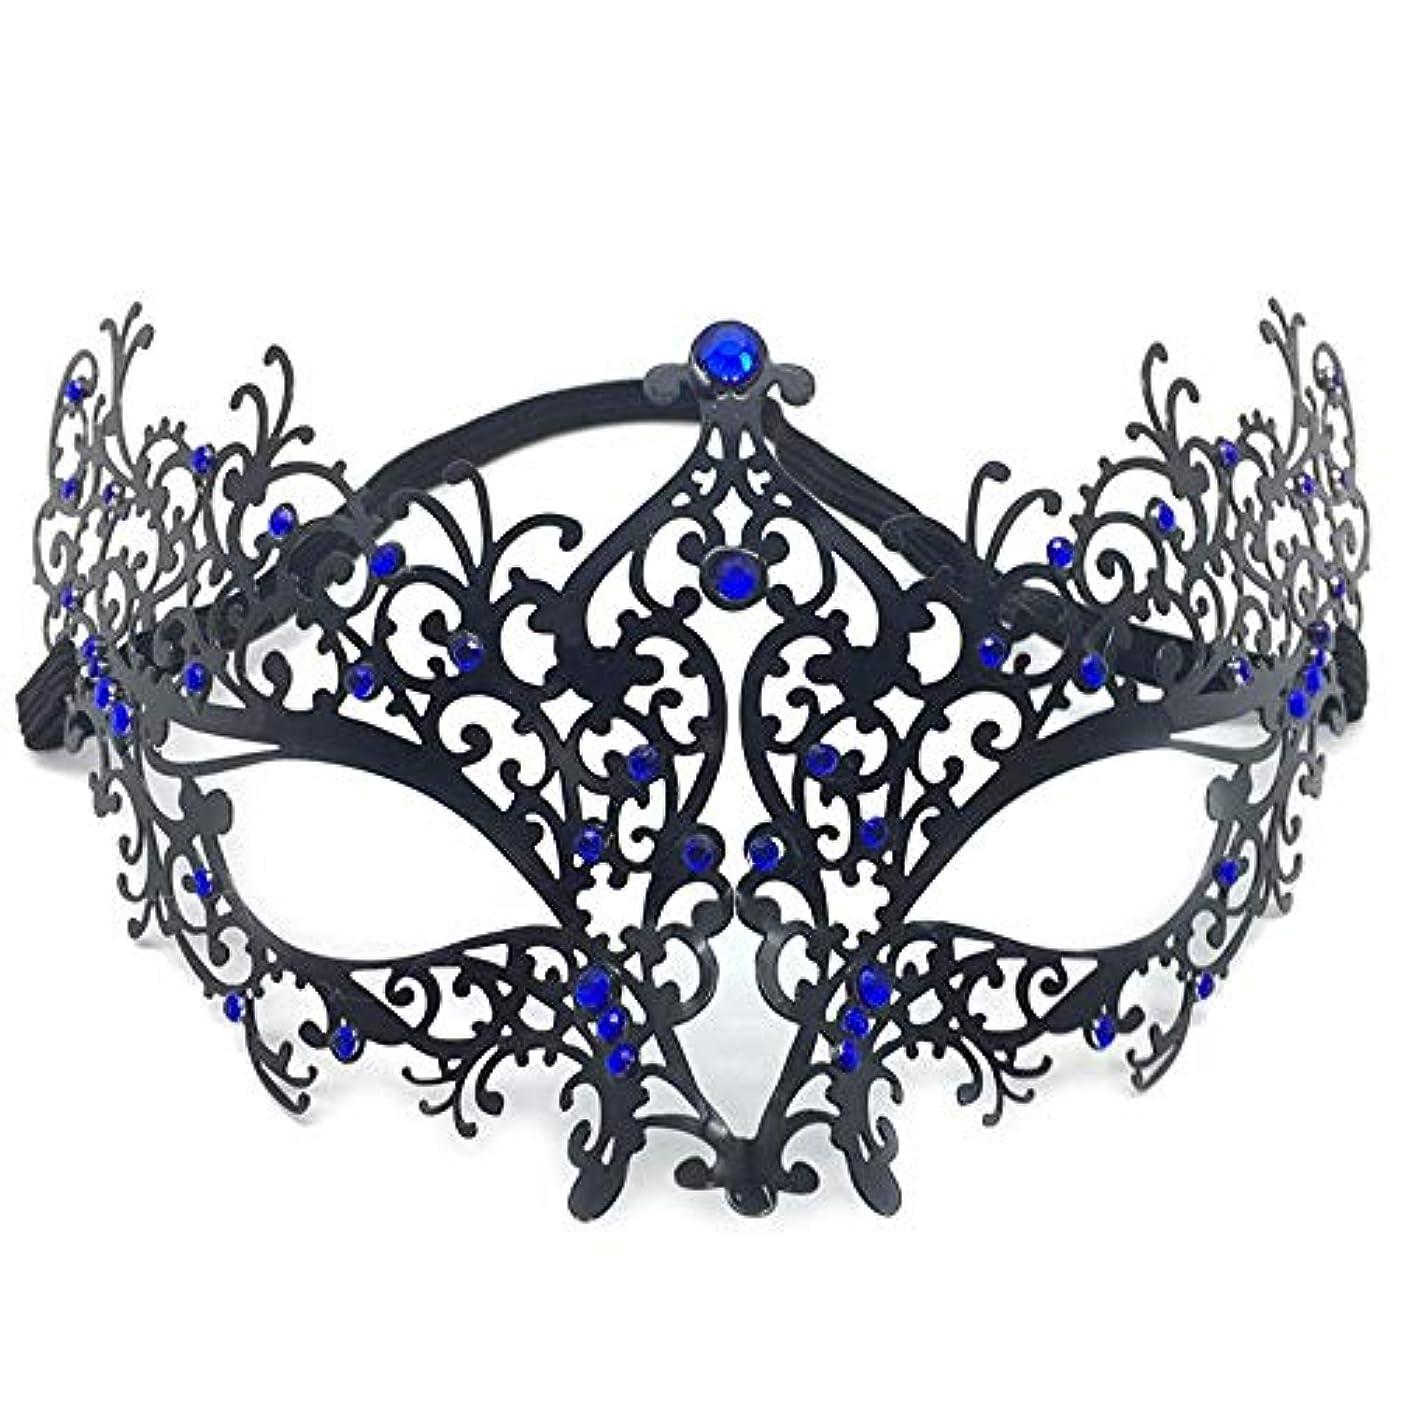 雲デッドリーフレットハロウィーンマスク仮装アイアンマスクパーティードレスアップメタルダイヤモンドハーフフェイスマスク (Color : WHITE)